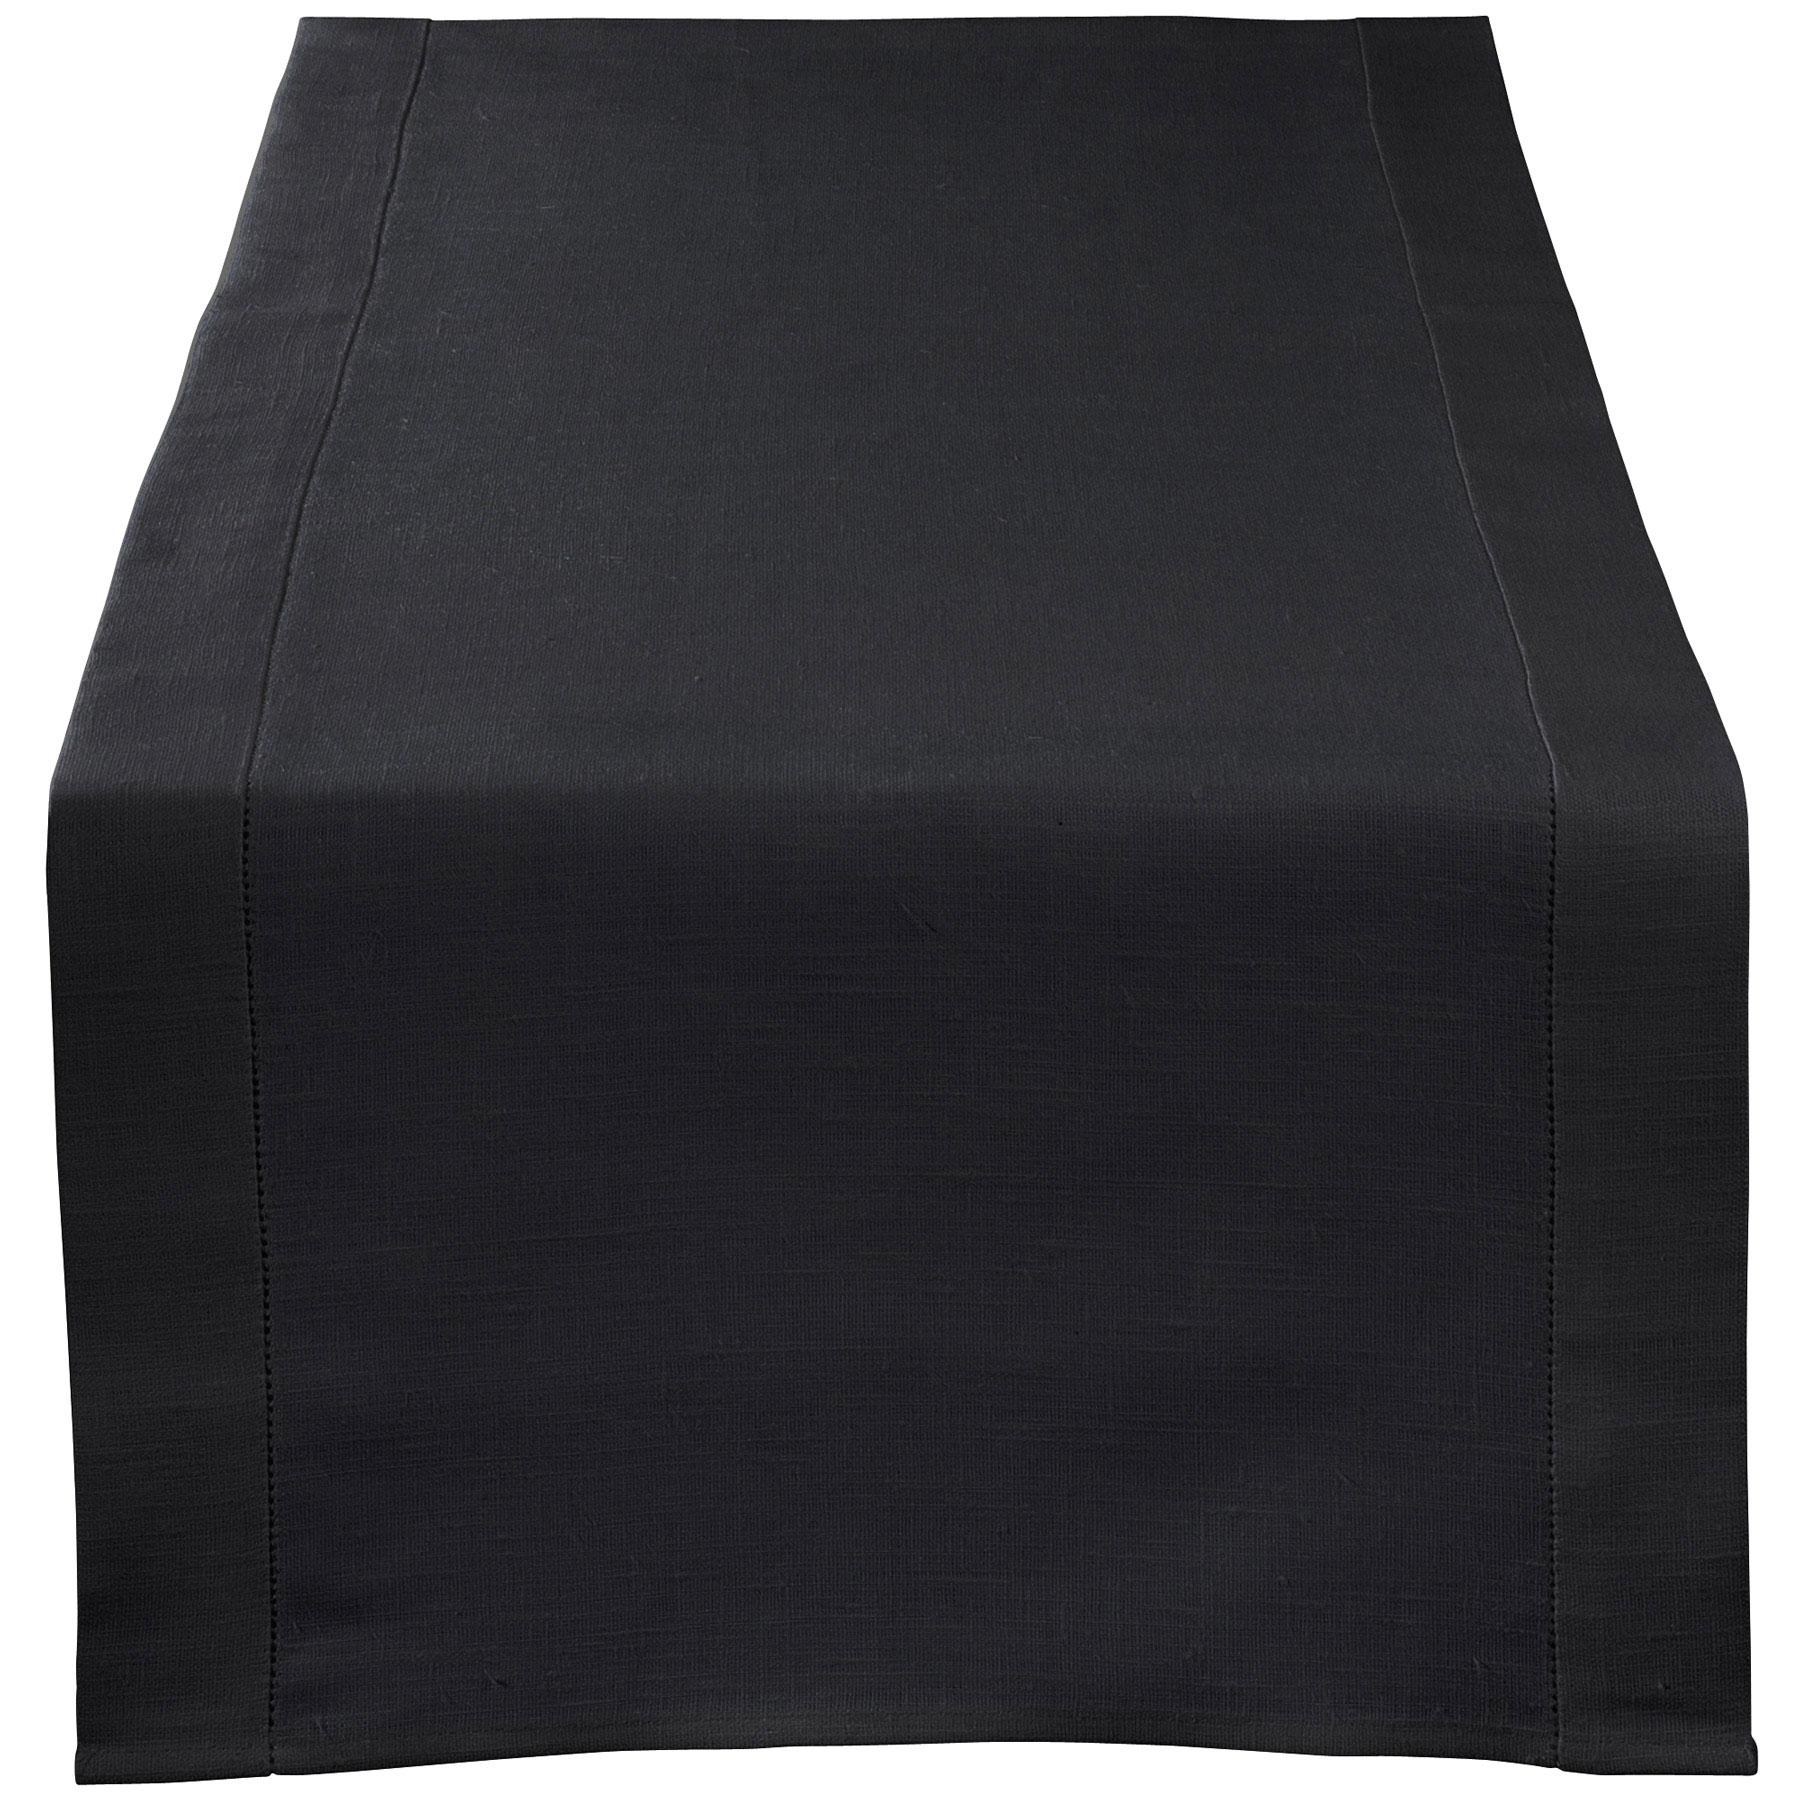 TABLE RUNNER <br />black